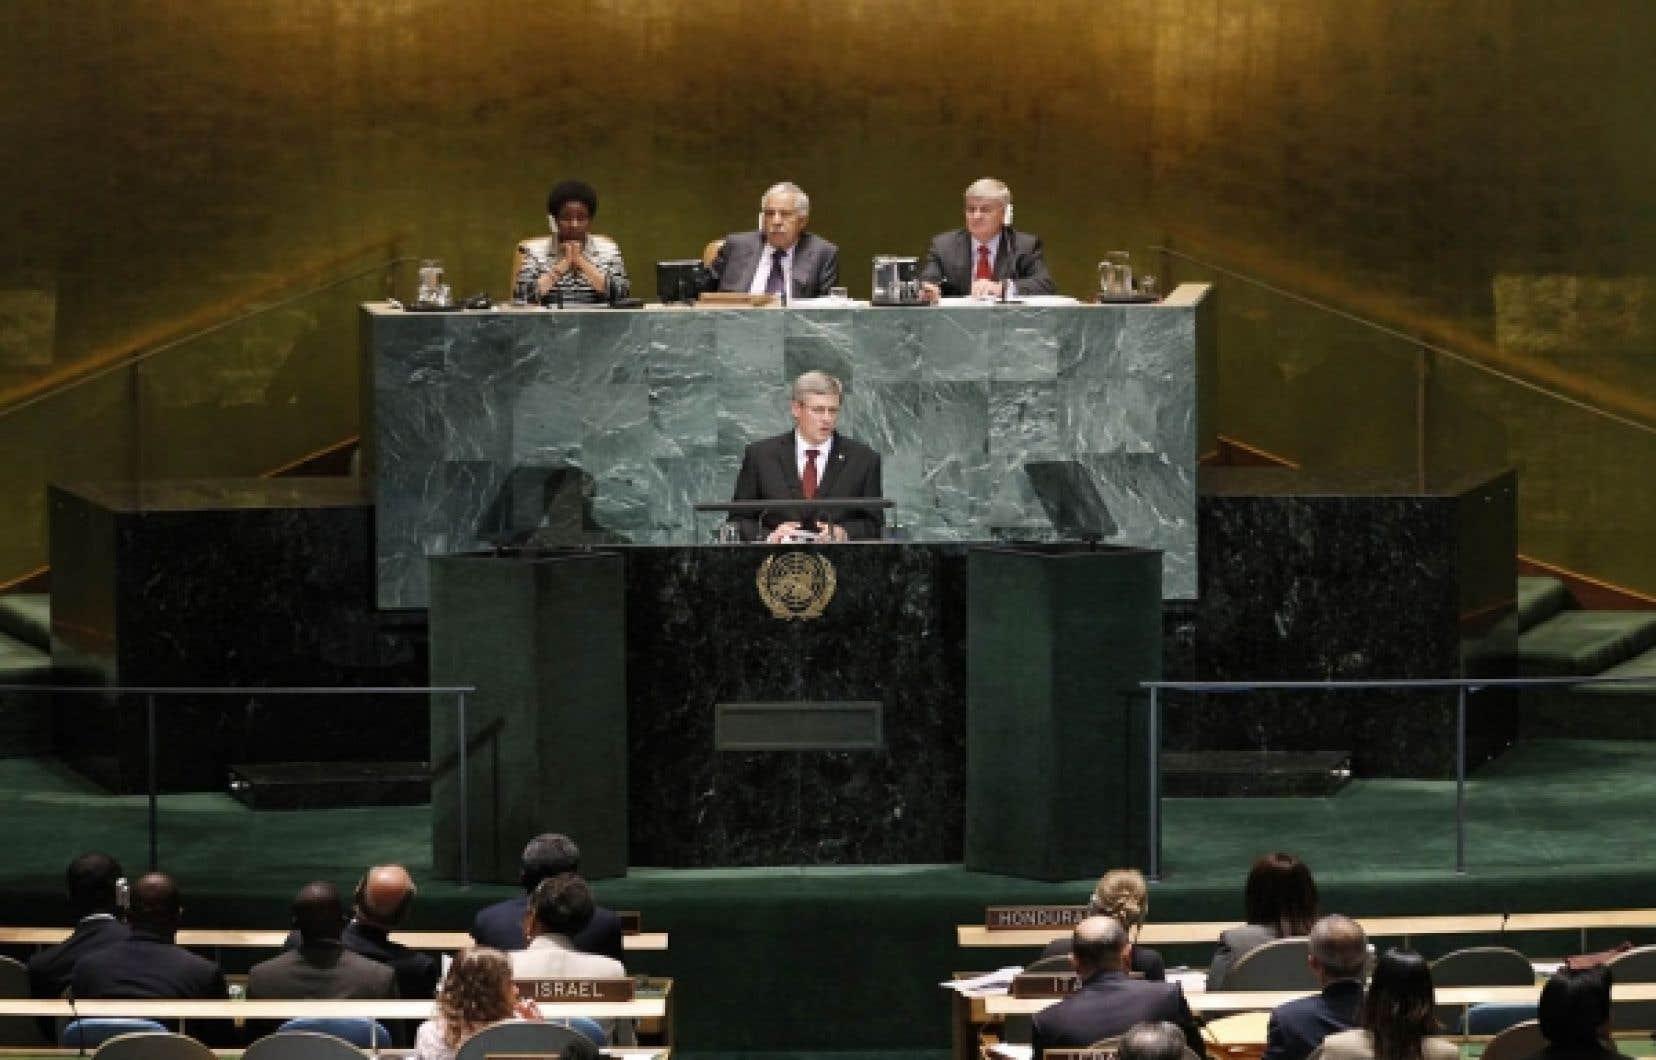 «Dans nos efforts pour atteindre les Objectifs du millénaire pour le développement, nous devons bien cibler notre action, être pragmatiques, et, par-dessus tout, nous devons rendre des comptes», a déclaré Stephen Harper, hier, devant l'assemblée générale de l'ONU à New York.<br />